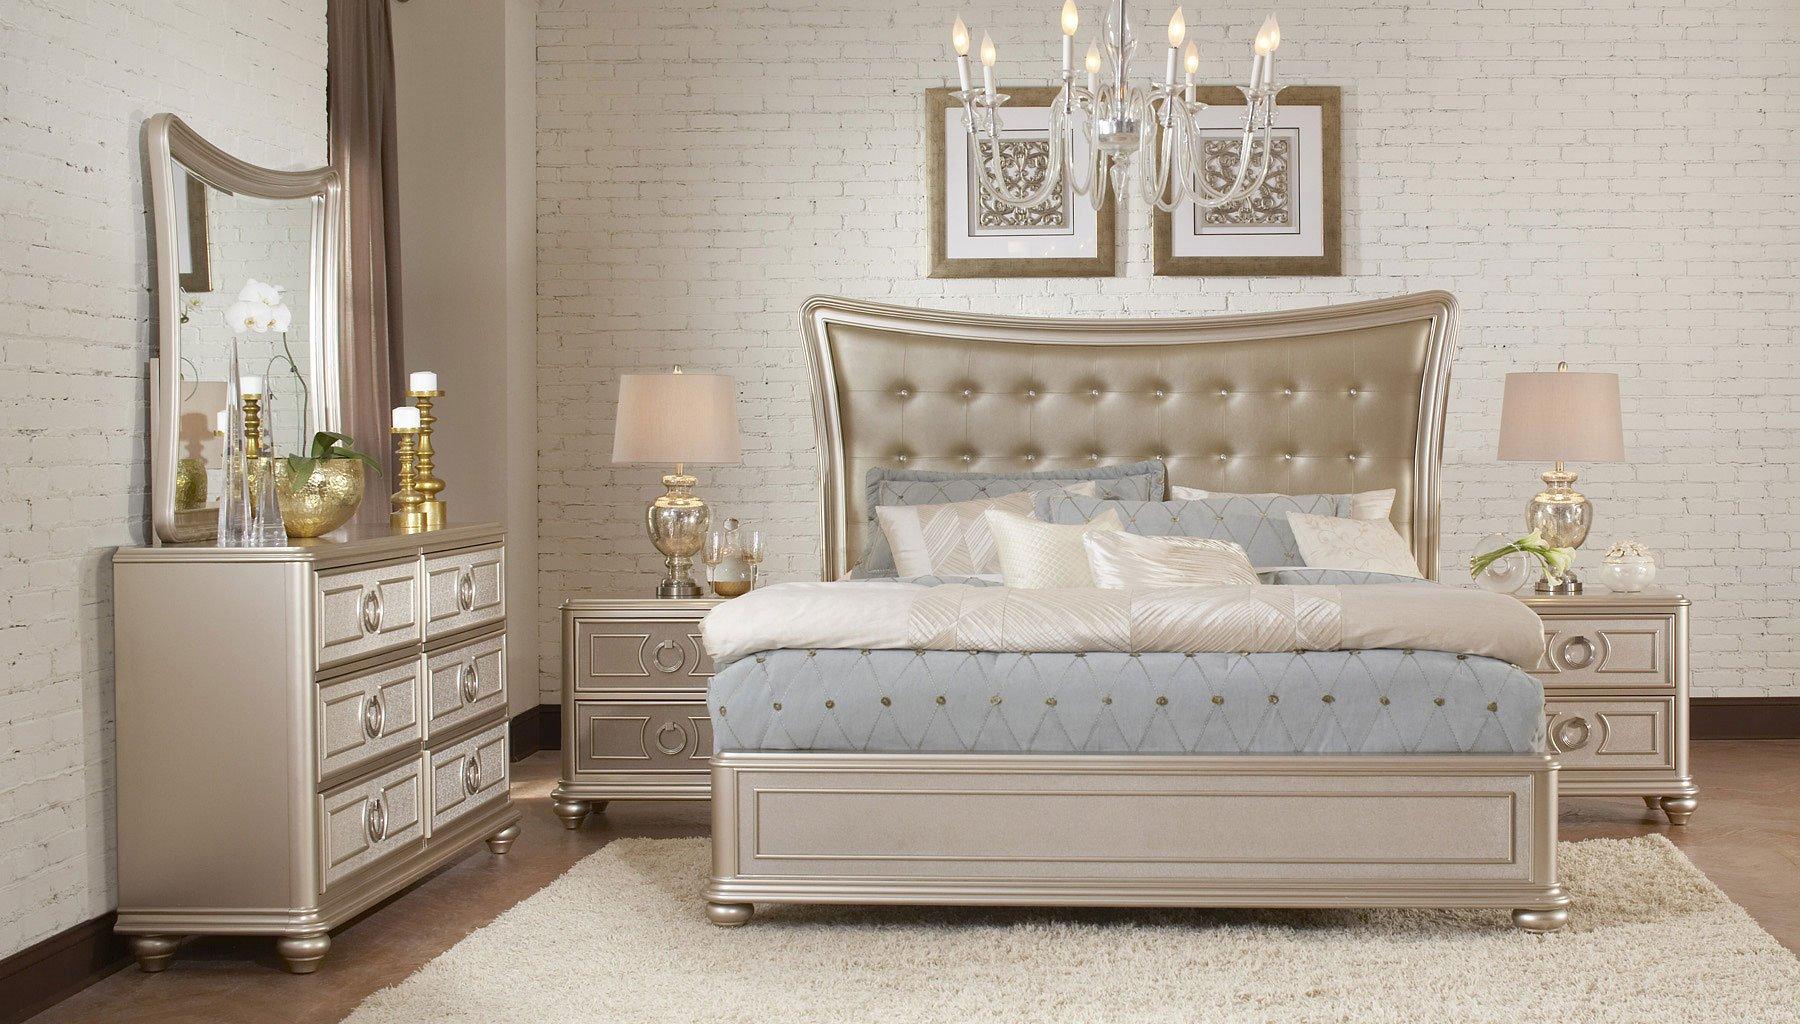 Dynasty Panel Bedroom Set by Samuel Lawrence Furniture   FurniturePick